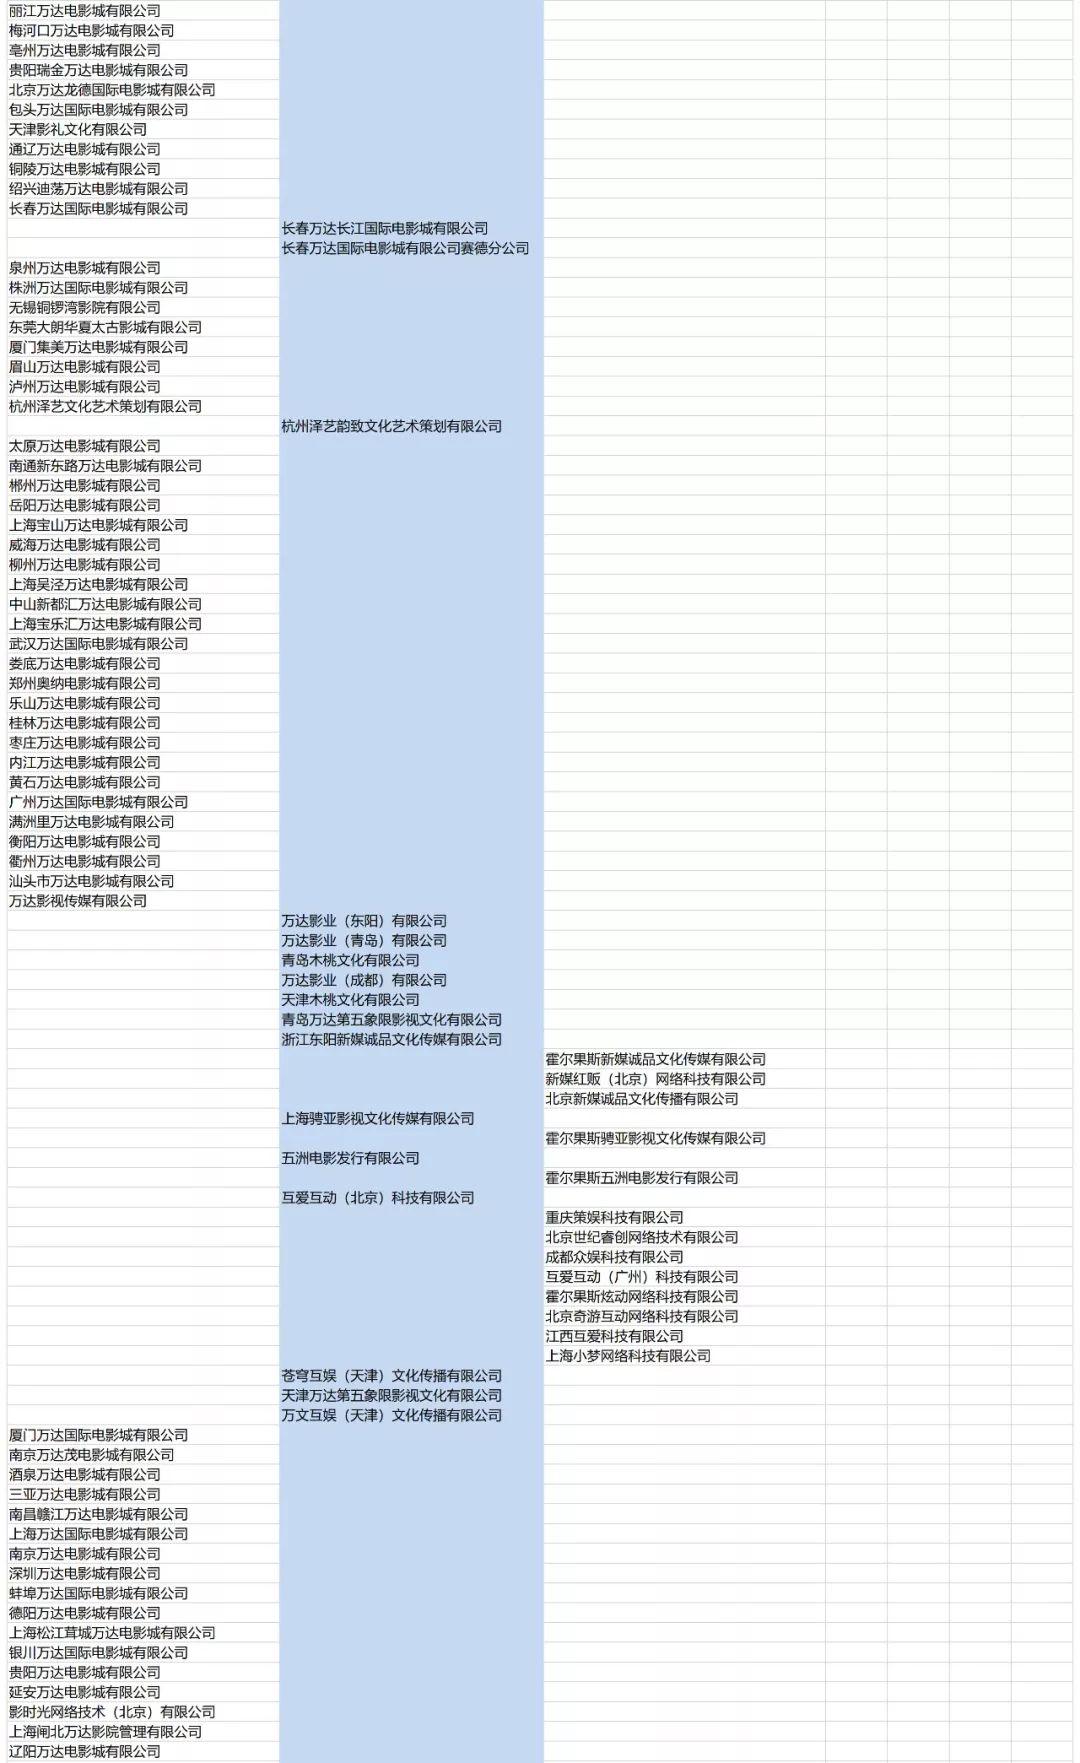 自由人博彩社,中科院院士徐冠华:诺奖的缺乏映射了中国原始创新能力的薄弱